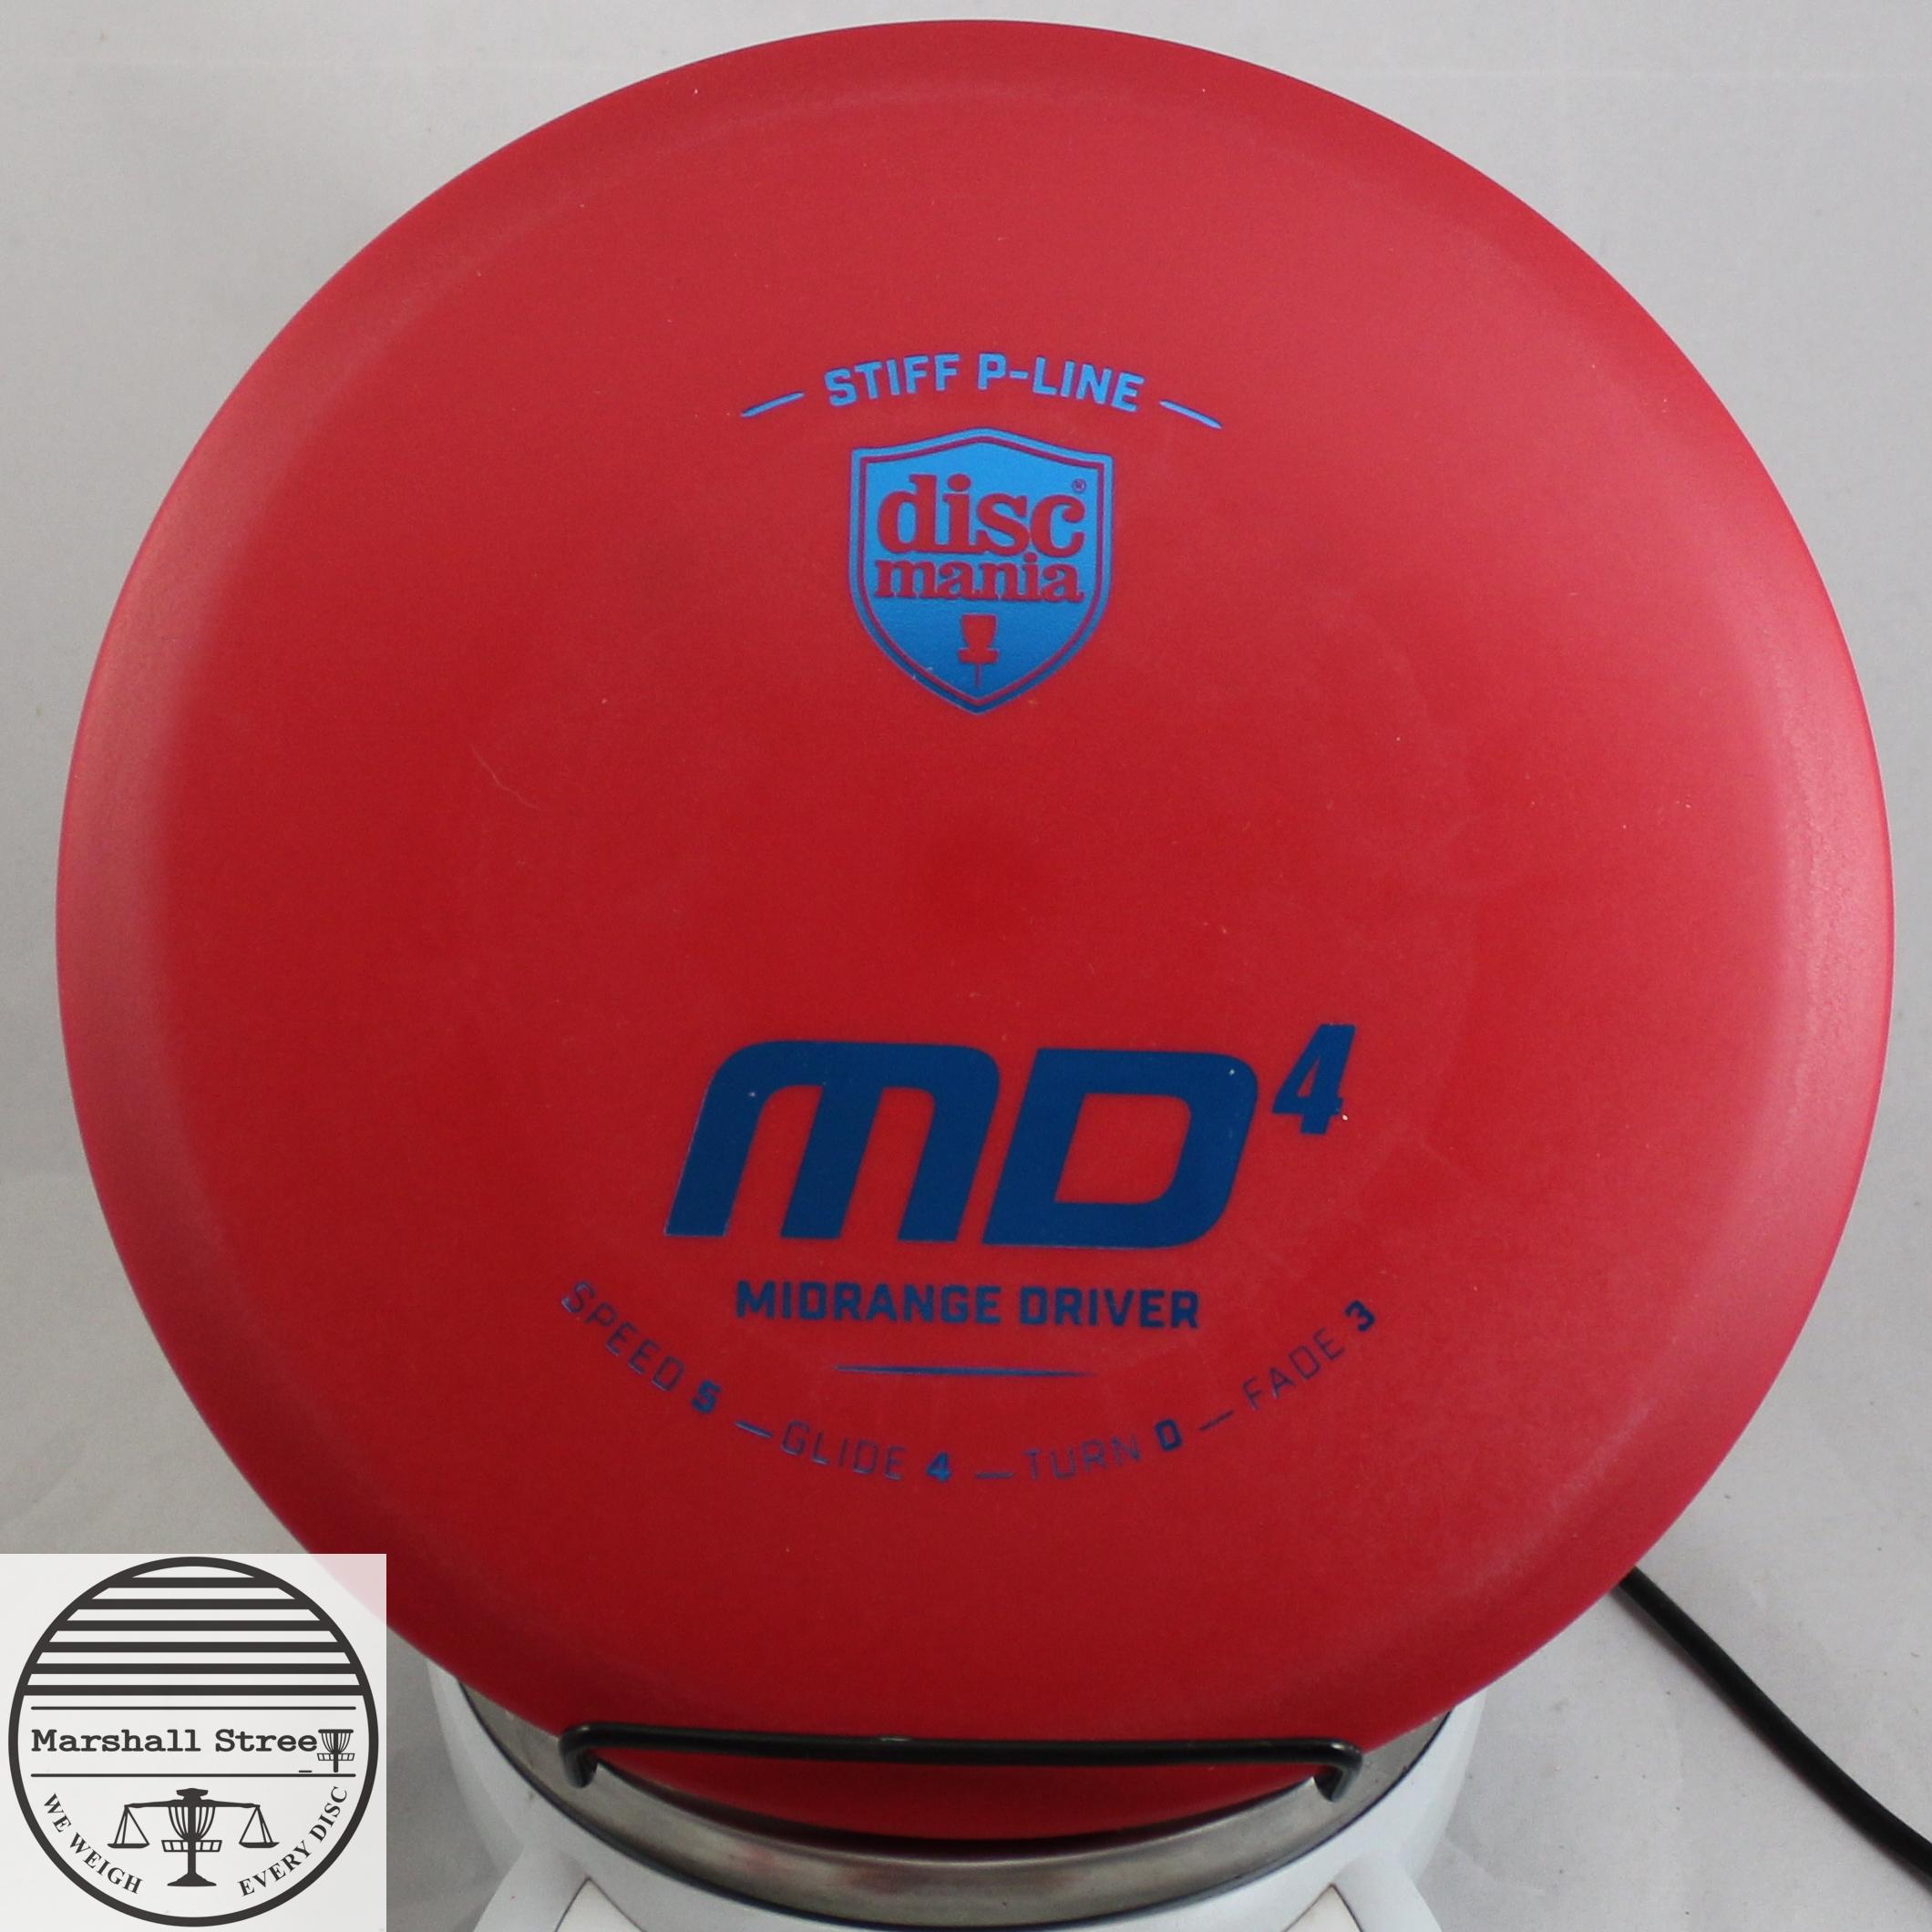 P-Line MD4, Stiff